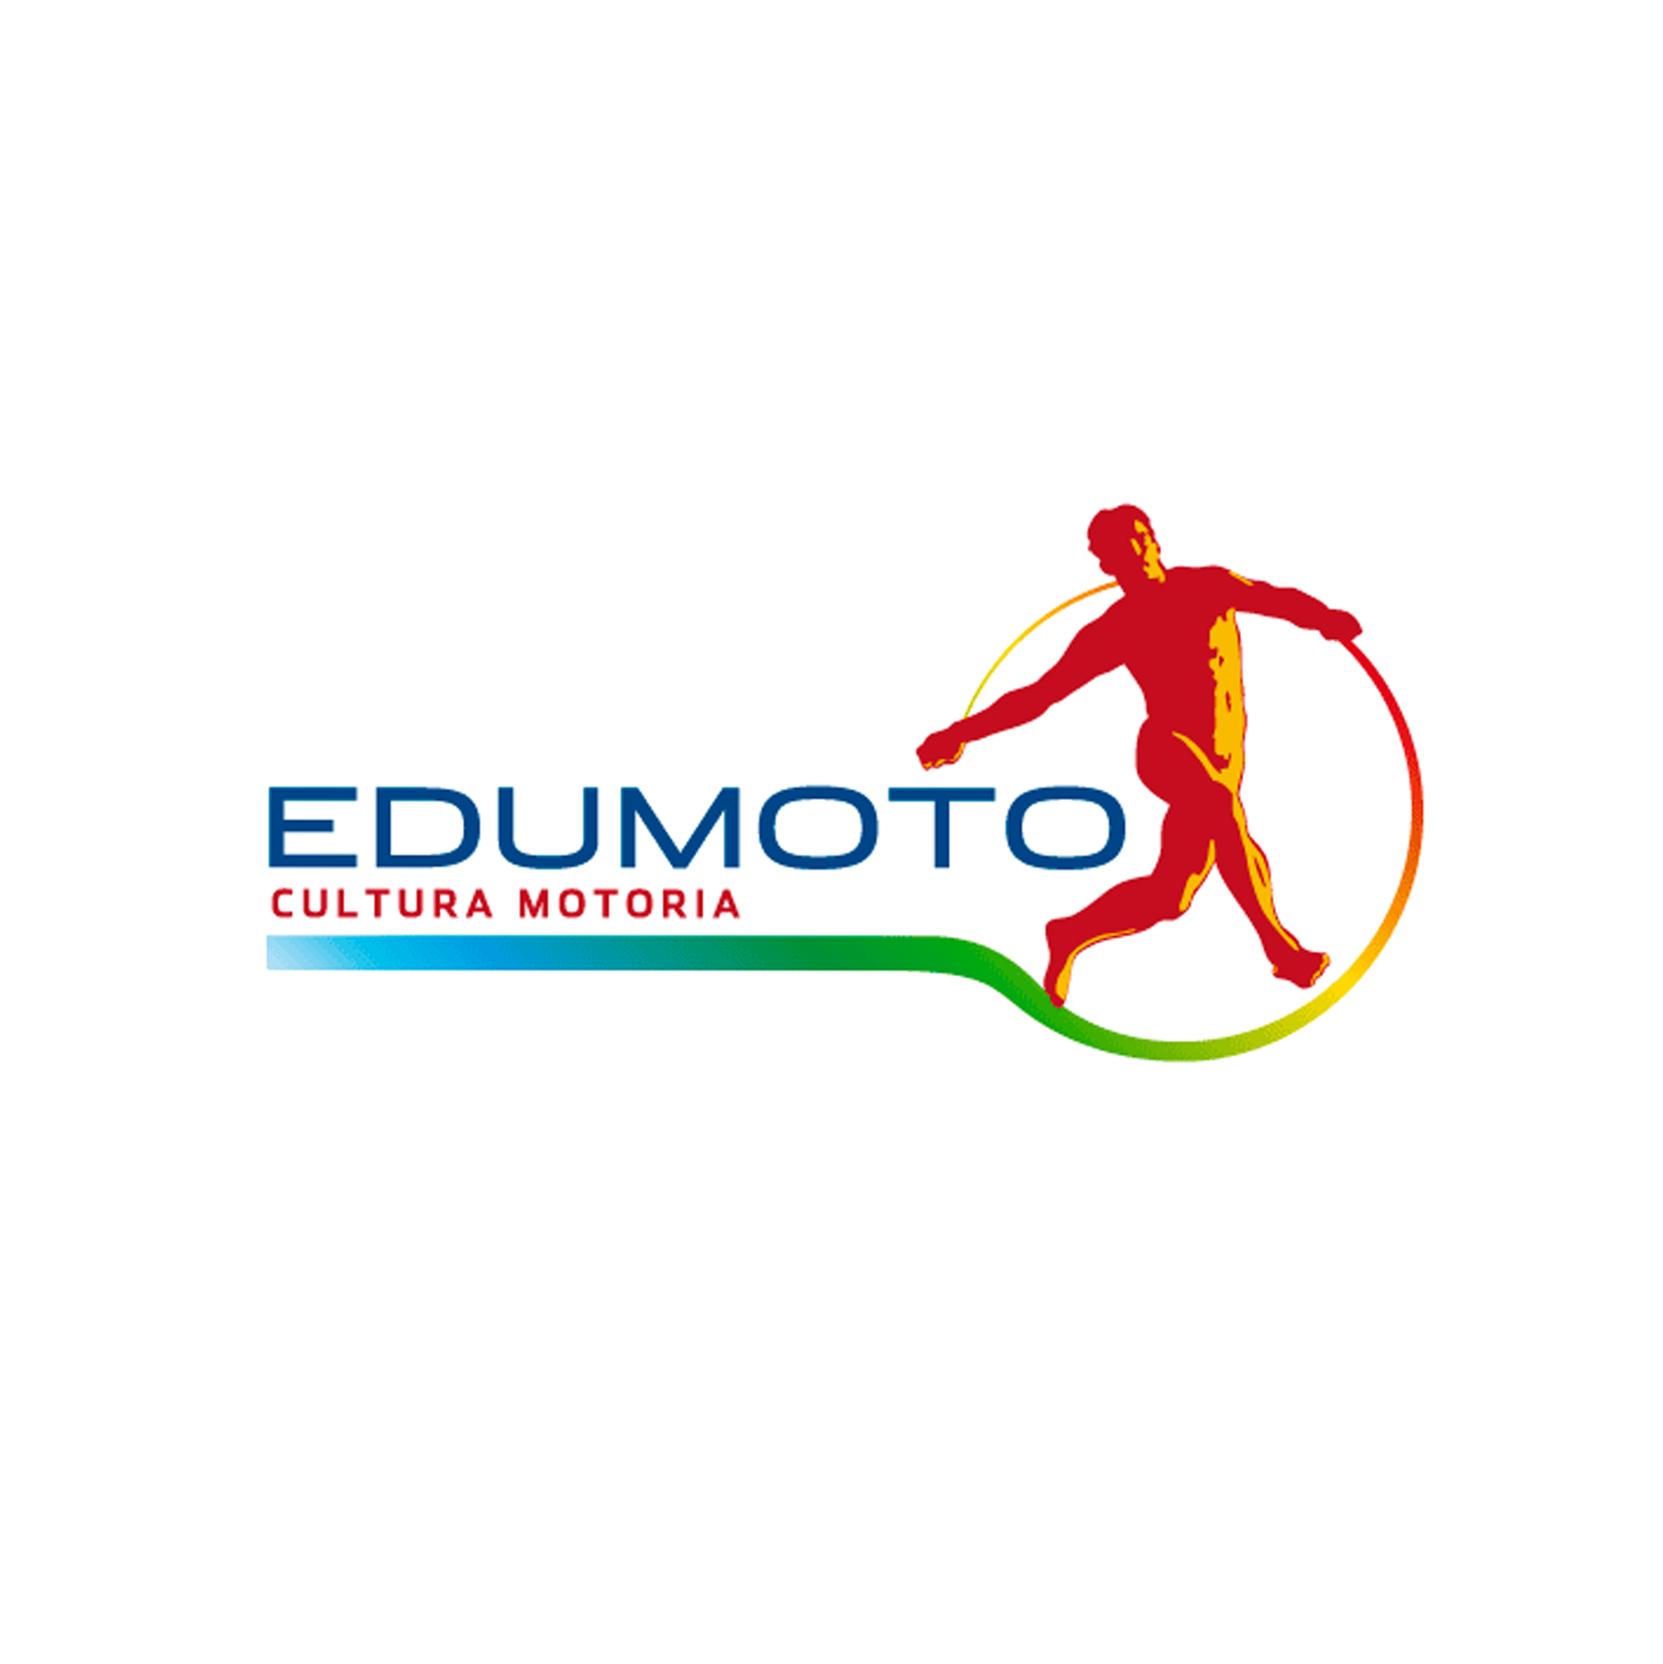 Edumoto